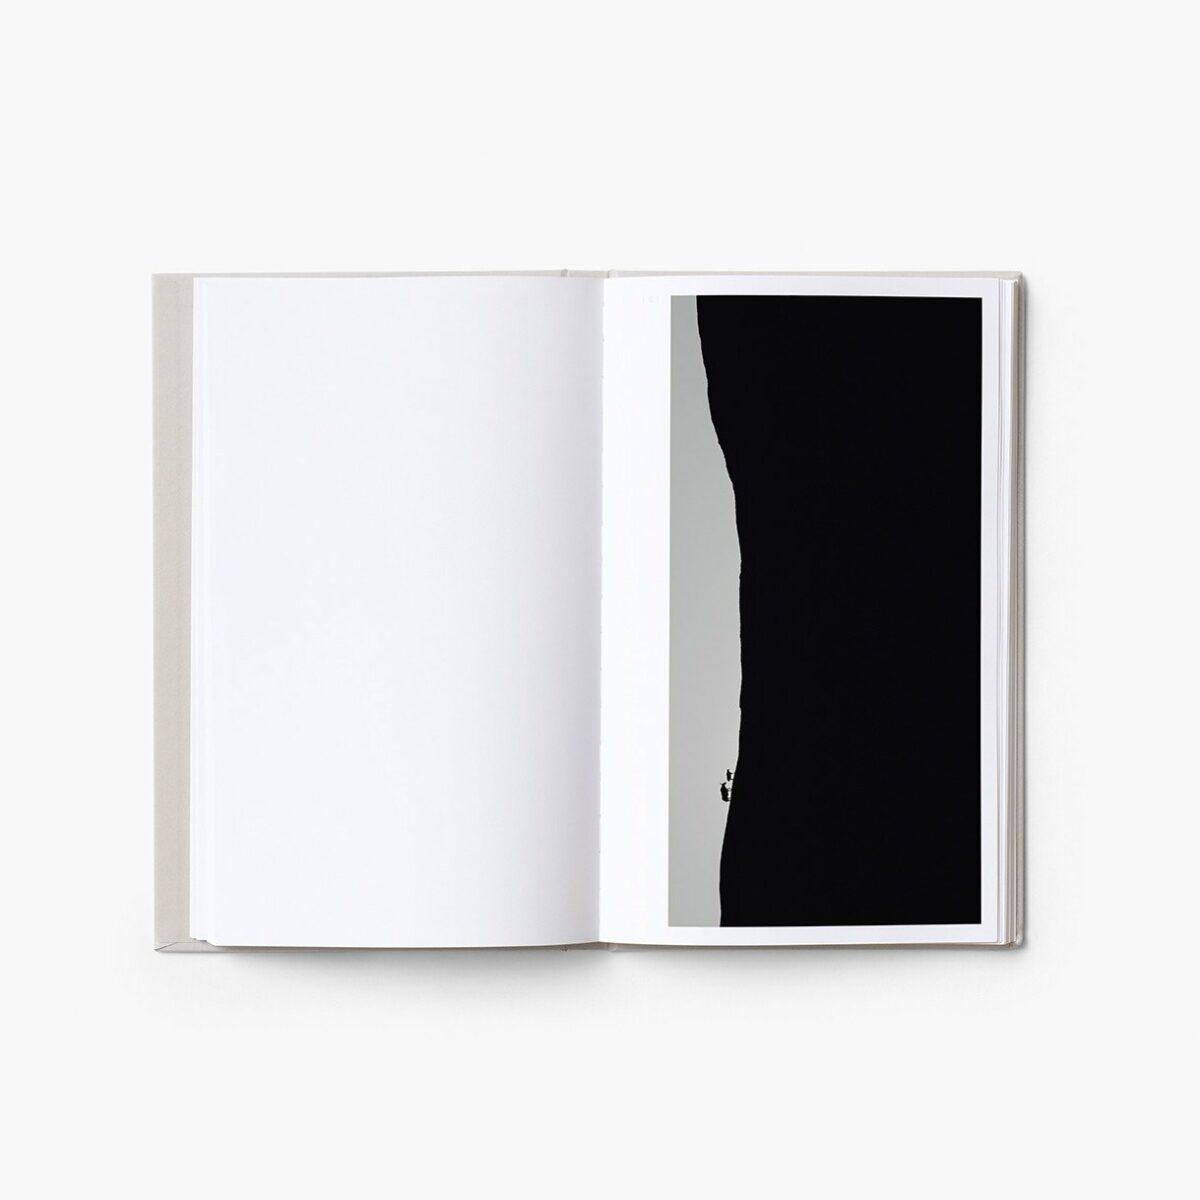 Livre_Solitudes_Vincent_Munier_8